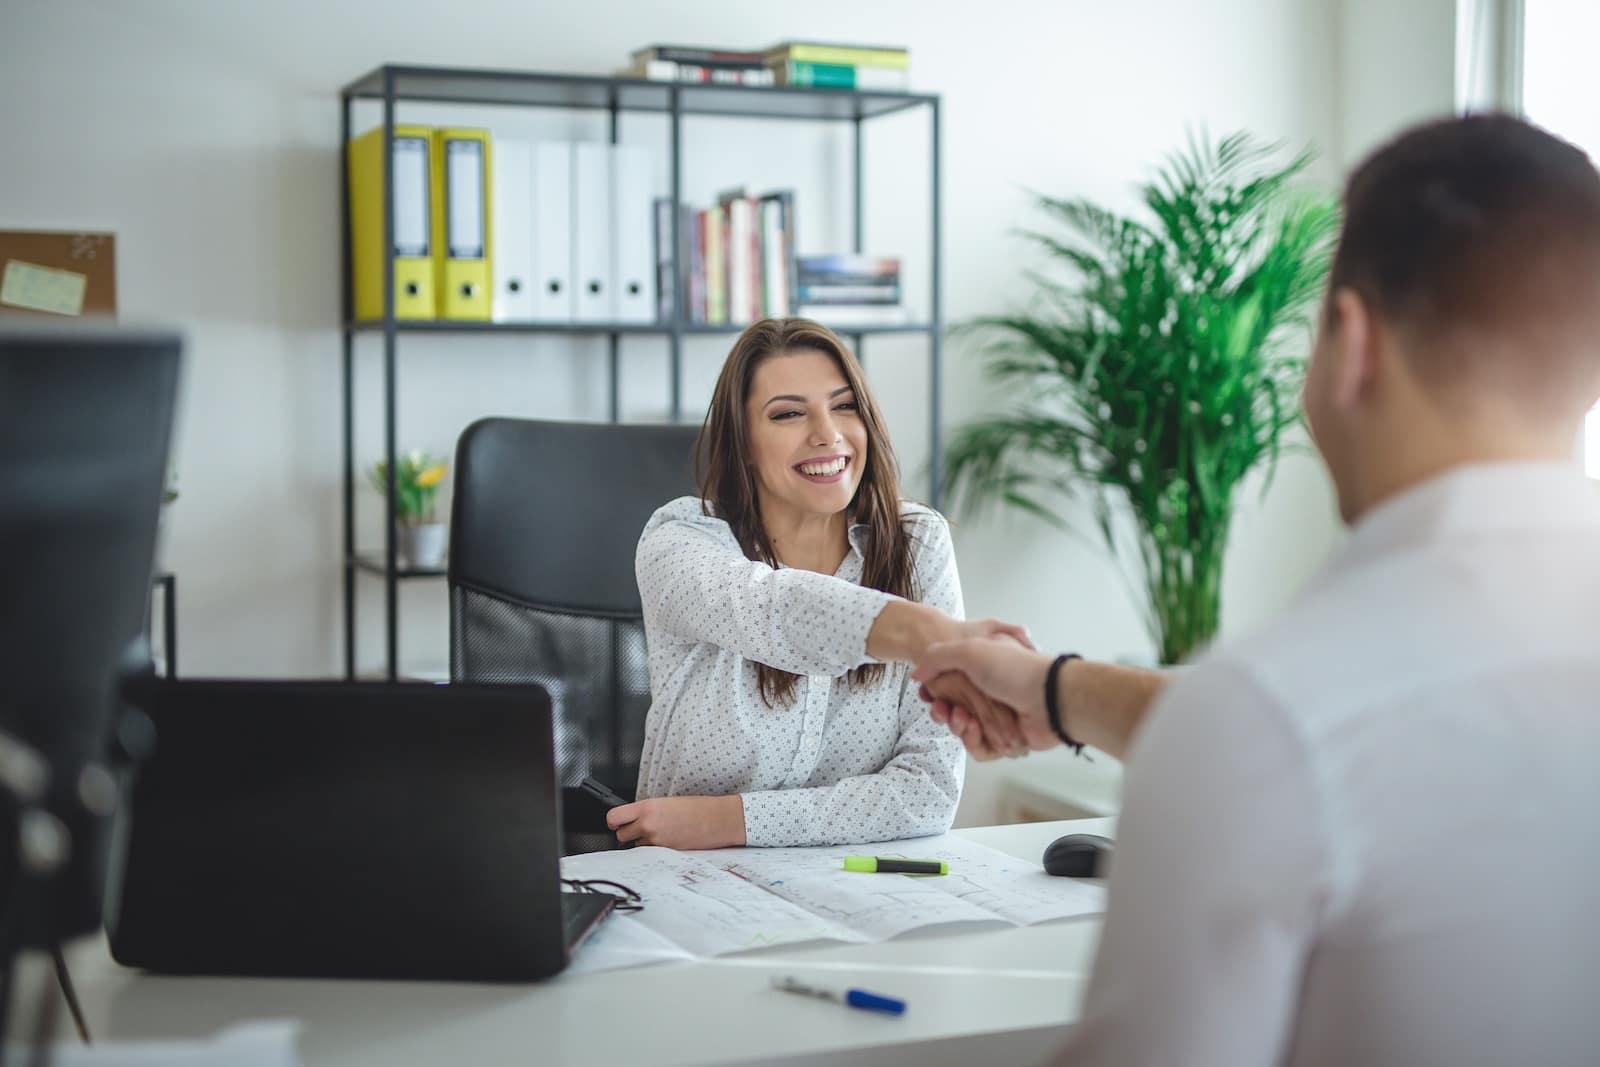 Bir İK çalışanı olarak iş süreçlerinizi nasıl daha verimli yönetebilirsiniz?